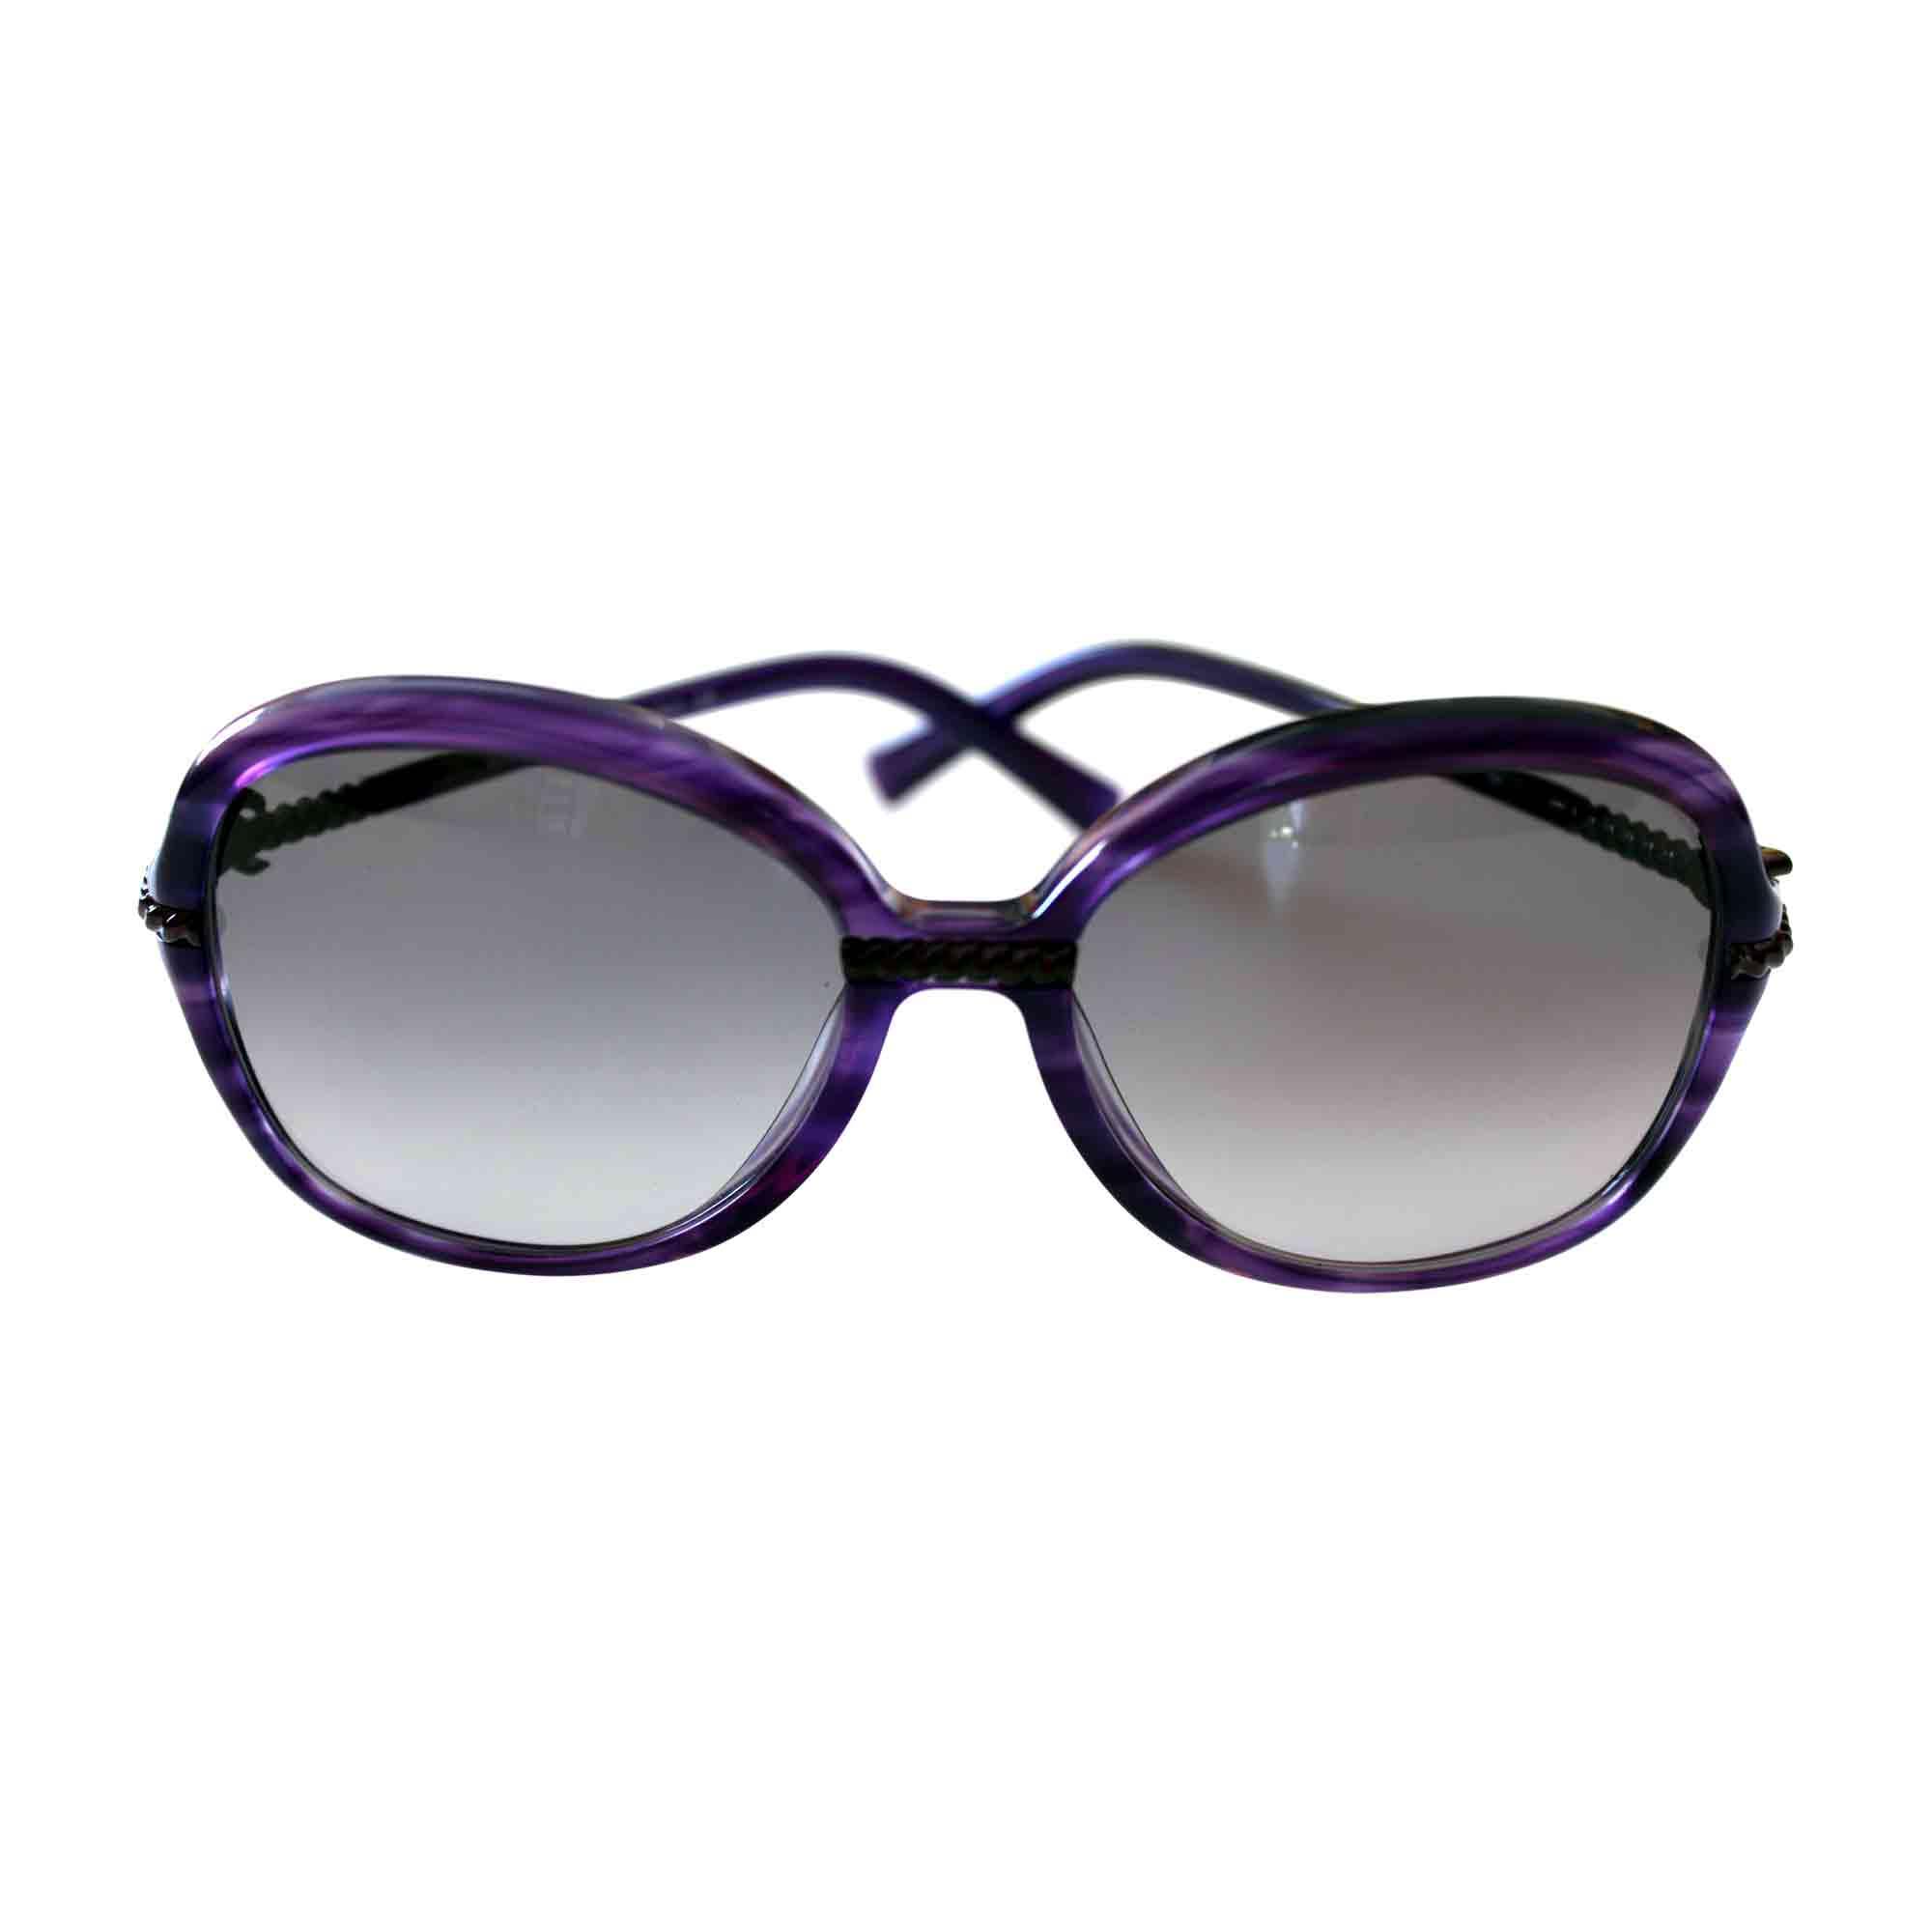 241e836ebdc Lunettes de soleil JOHN GALLIANO violet vendu par Camyshs - 6496517